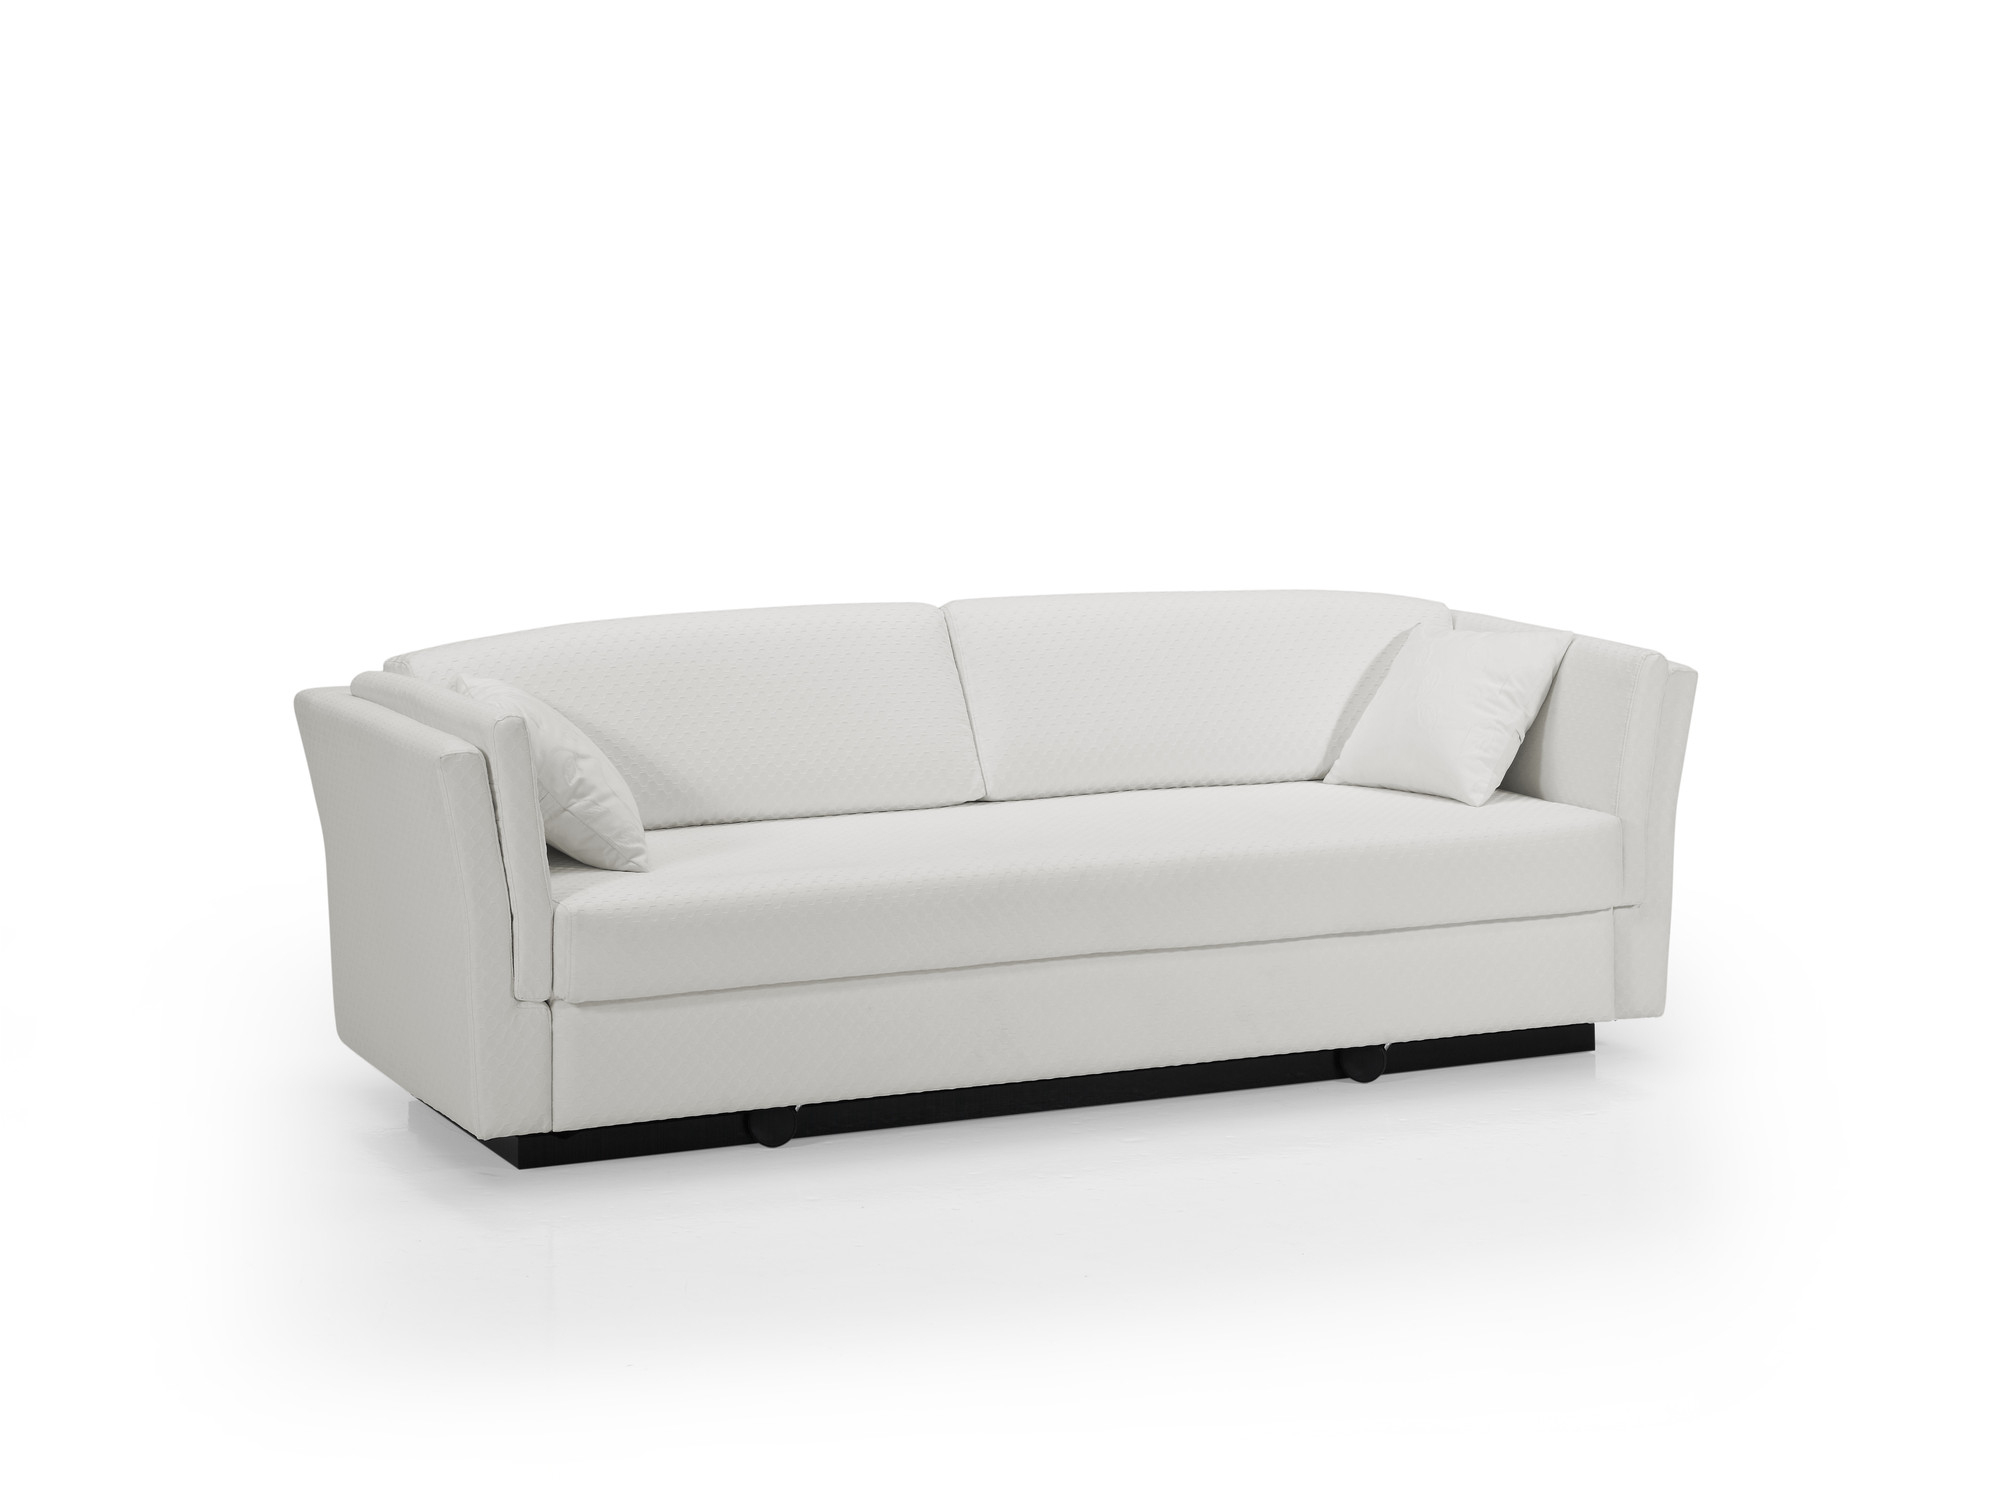 Canapé Convertible Confortable - Os007 dedans Canape Convertible Tres Confortable